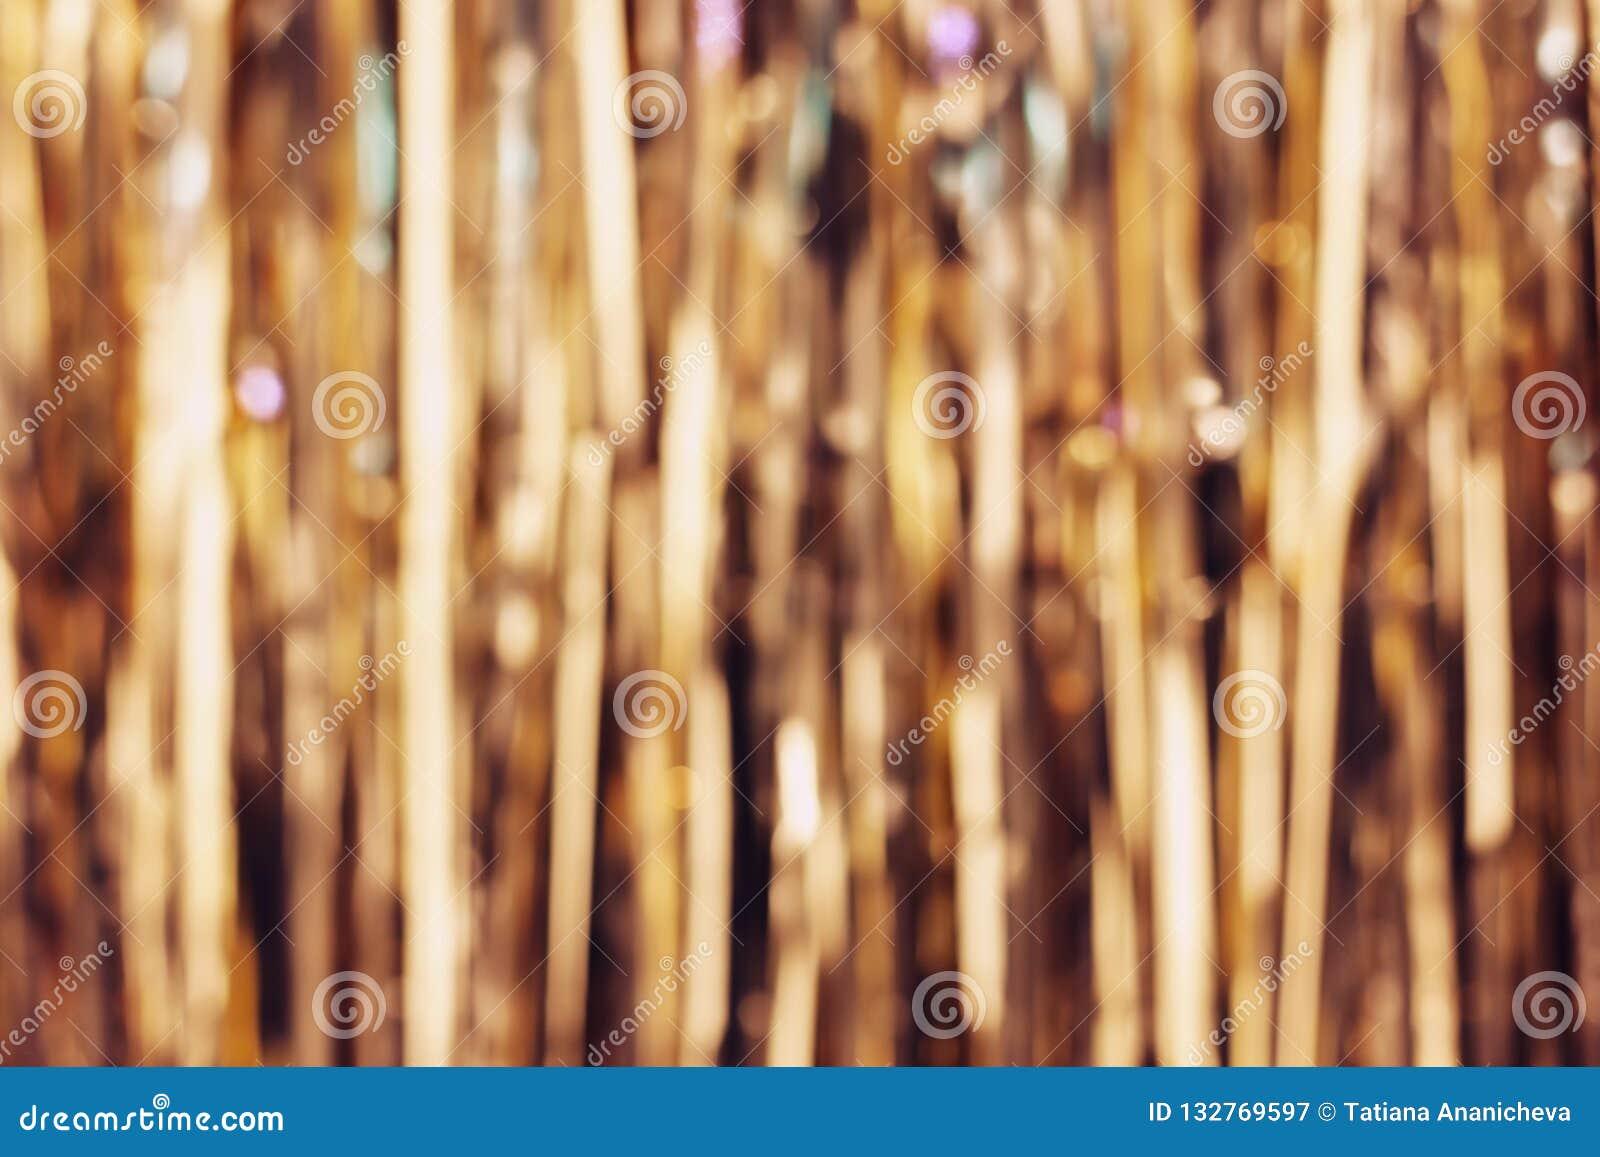 Zamazany złoty świecidełko obdziera, boże narodzenie dekoracji tło